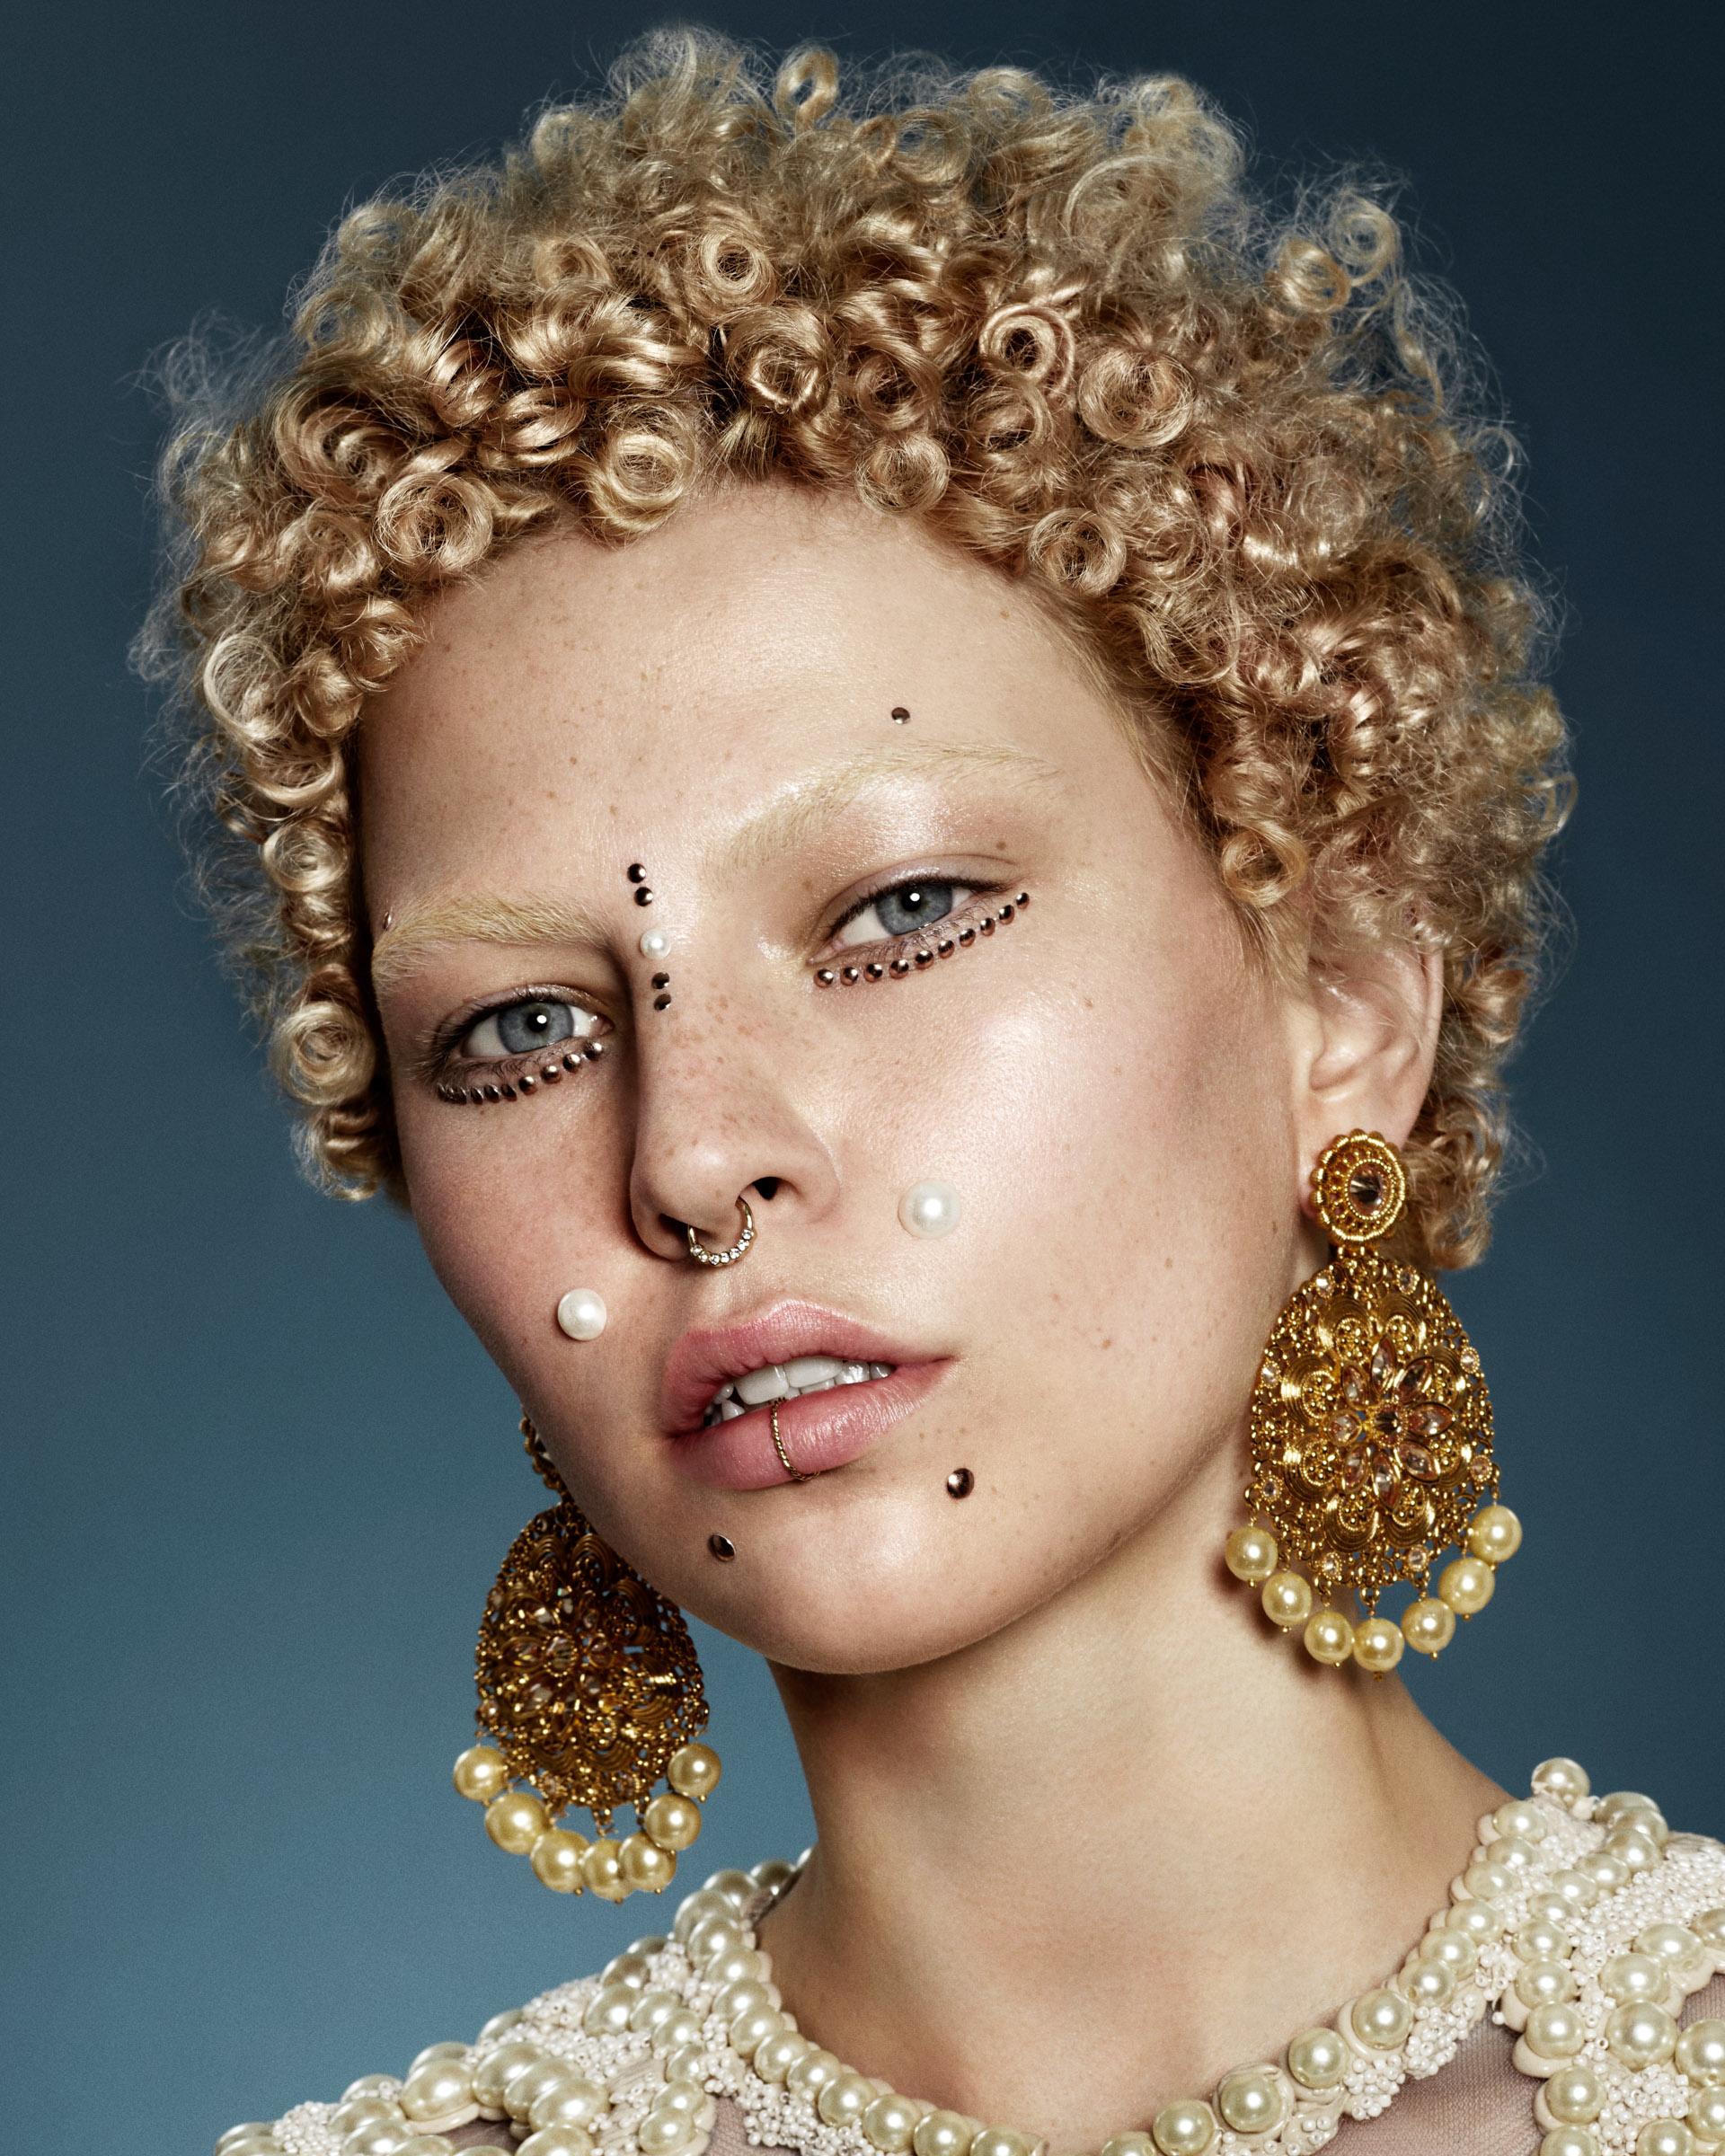 Jack_Eames_Beauty_Makeup_Shot_03.jpg